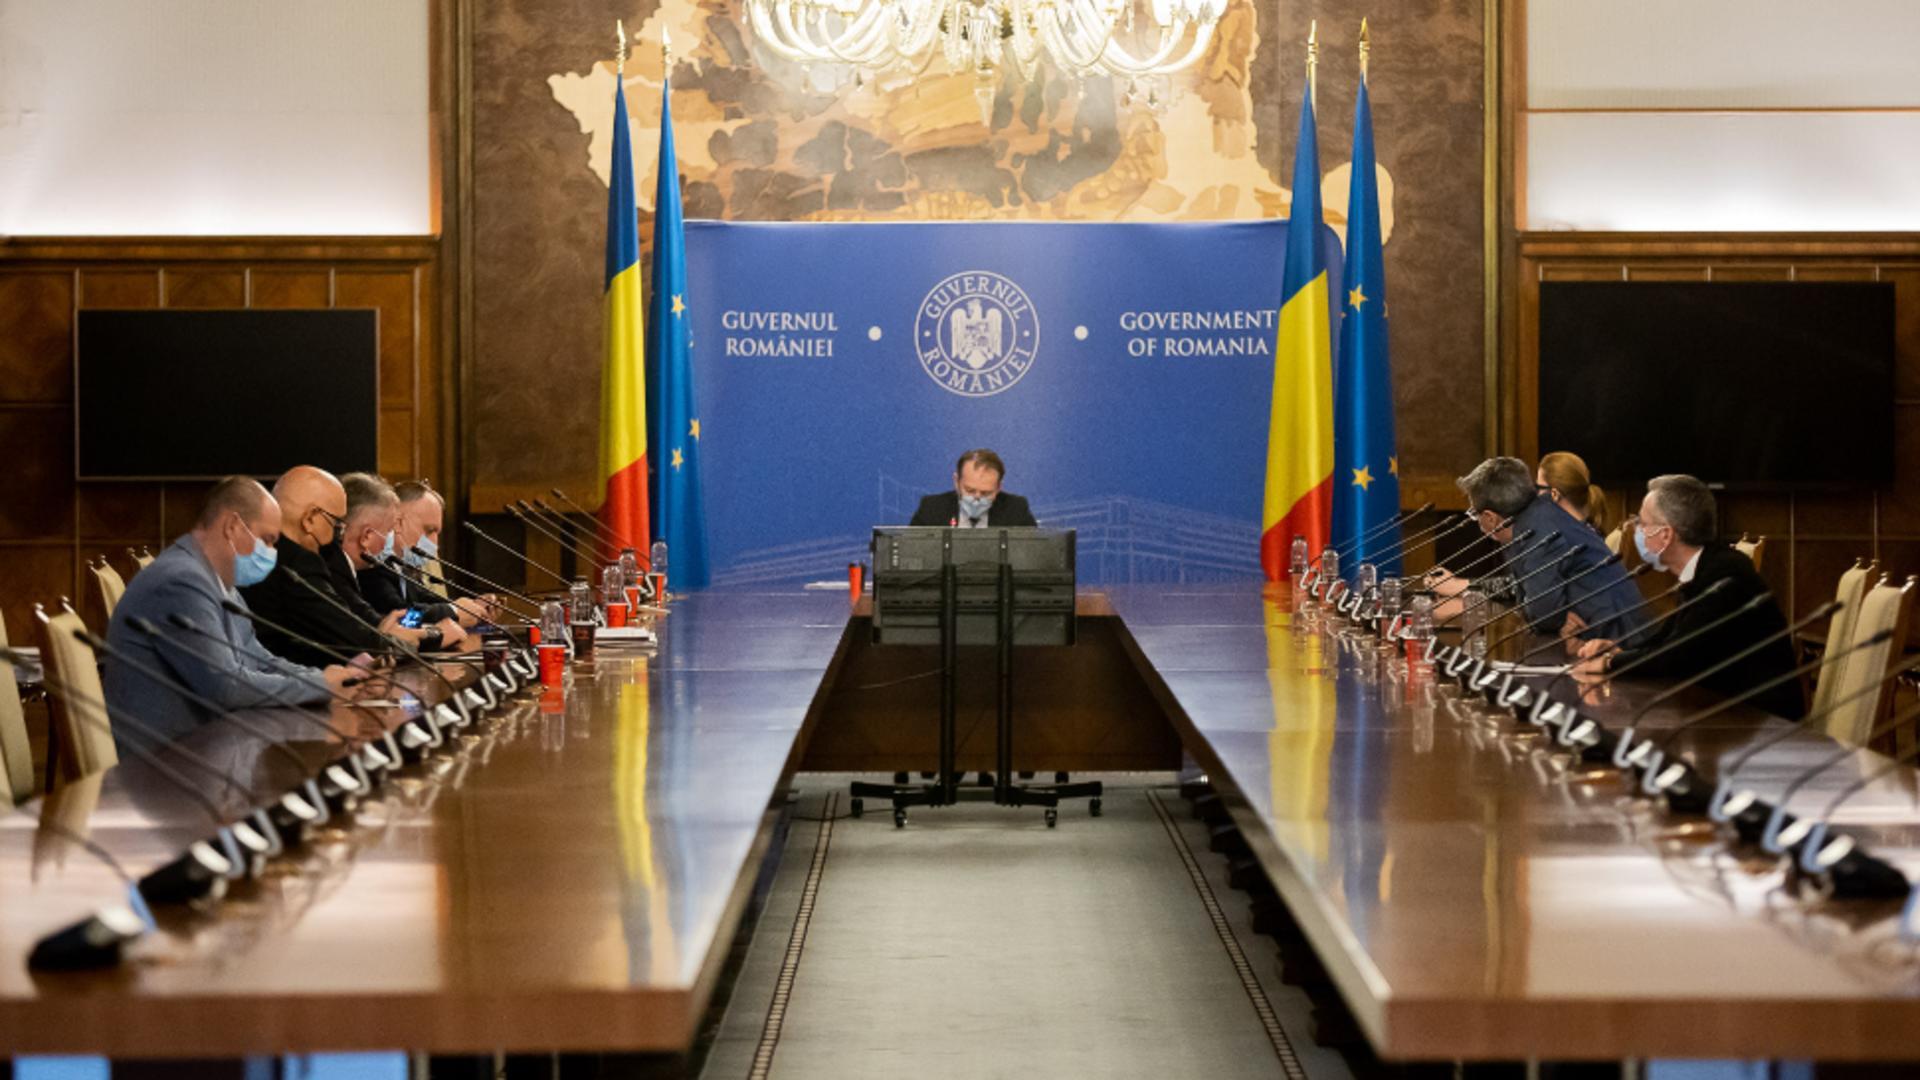 Ședință de Guvern / Foto: Facebook